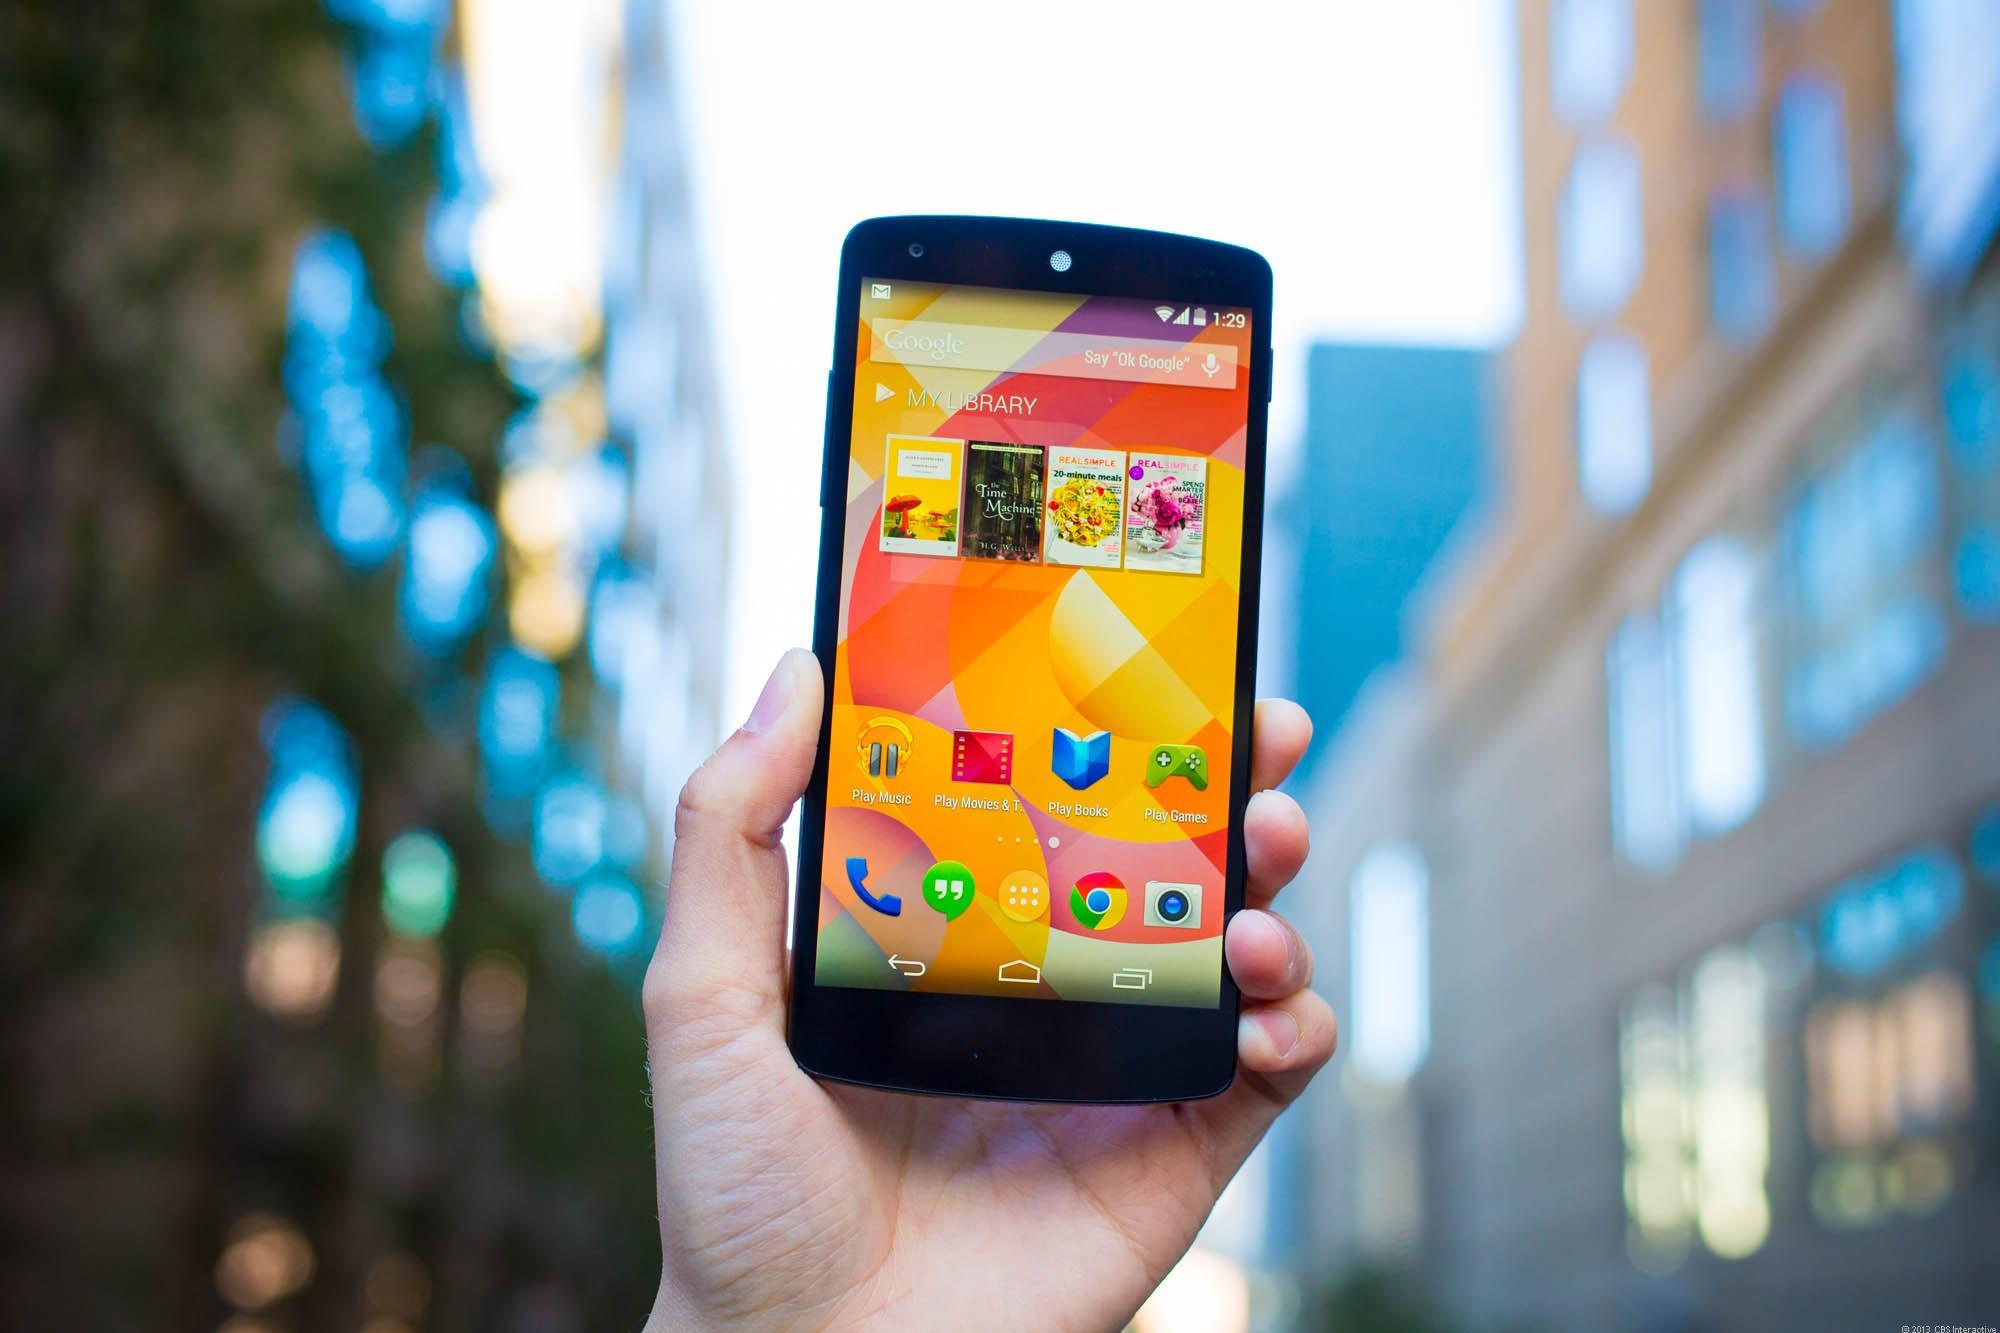 image0012 - Các dòng điện thoại Nexus tiềm ẩn hiểm hoạ bảo mật SMS